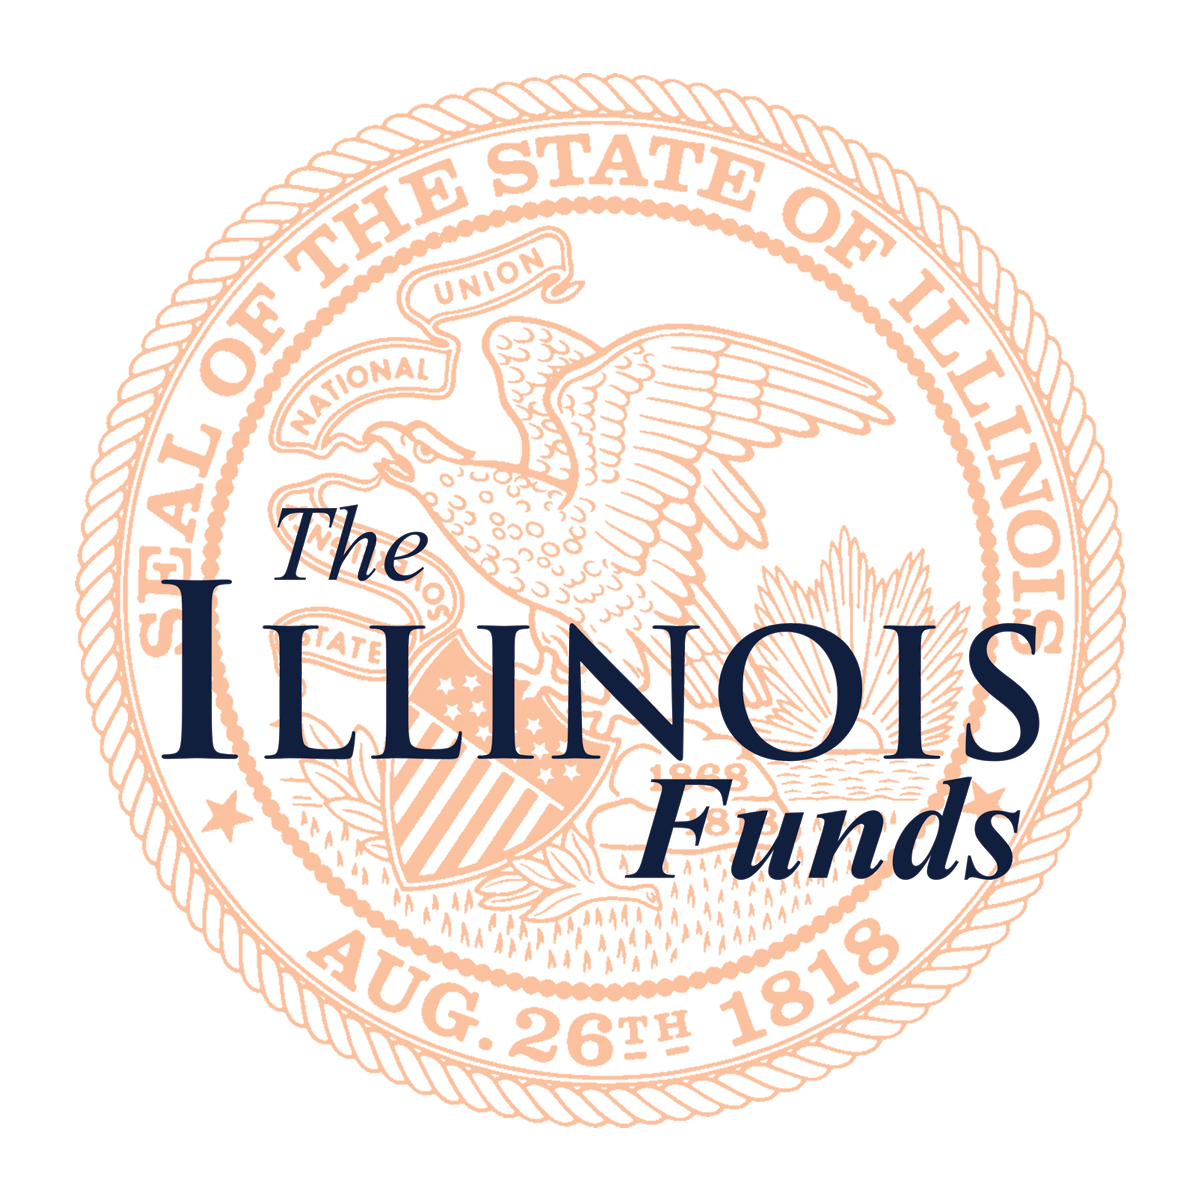 Illinois State Treasurer: Opening An